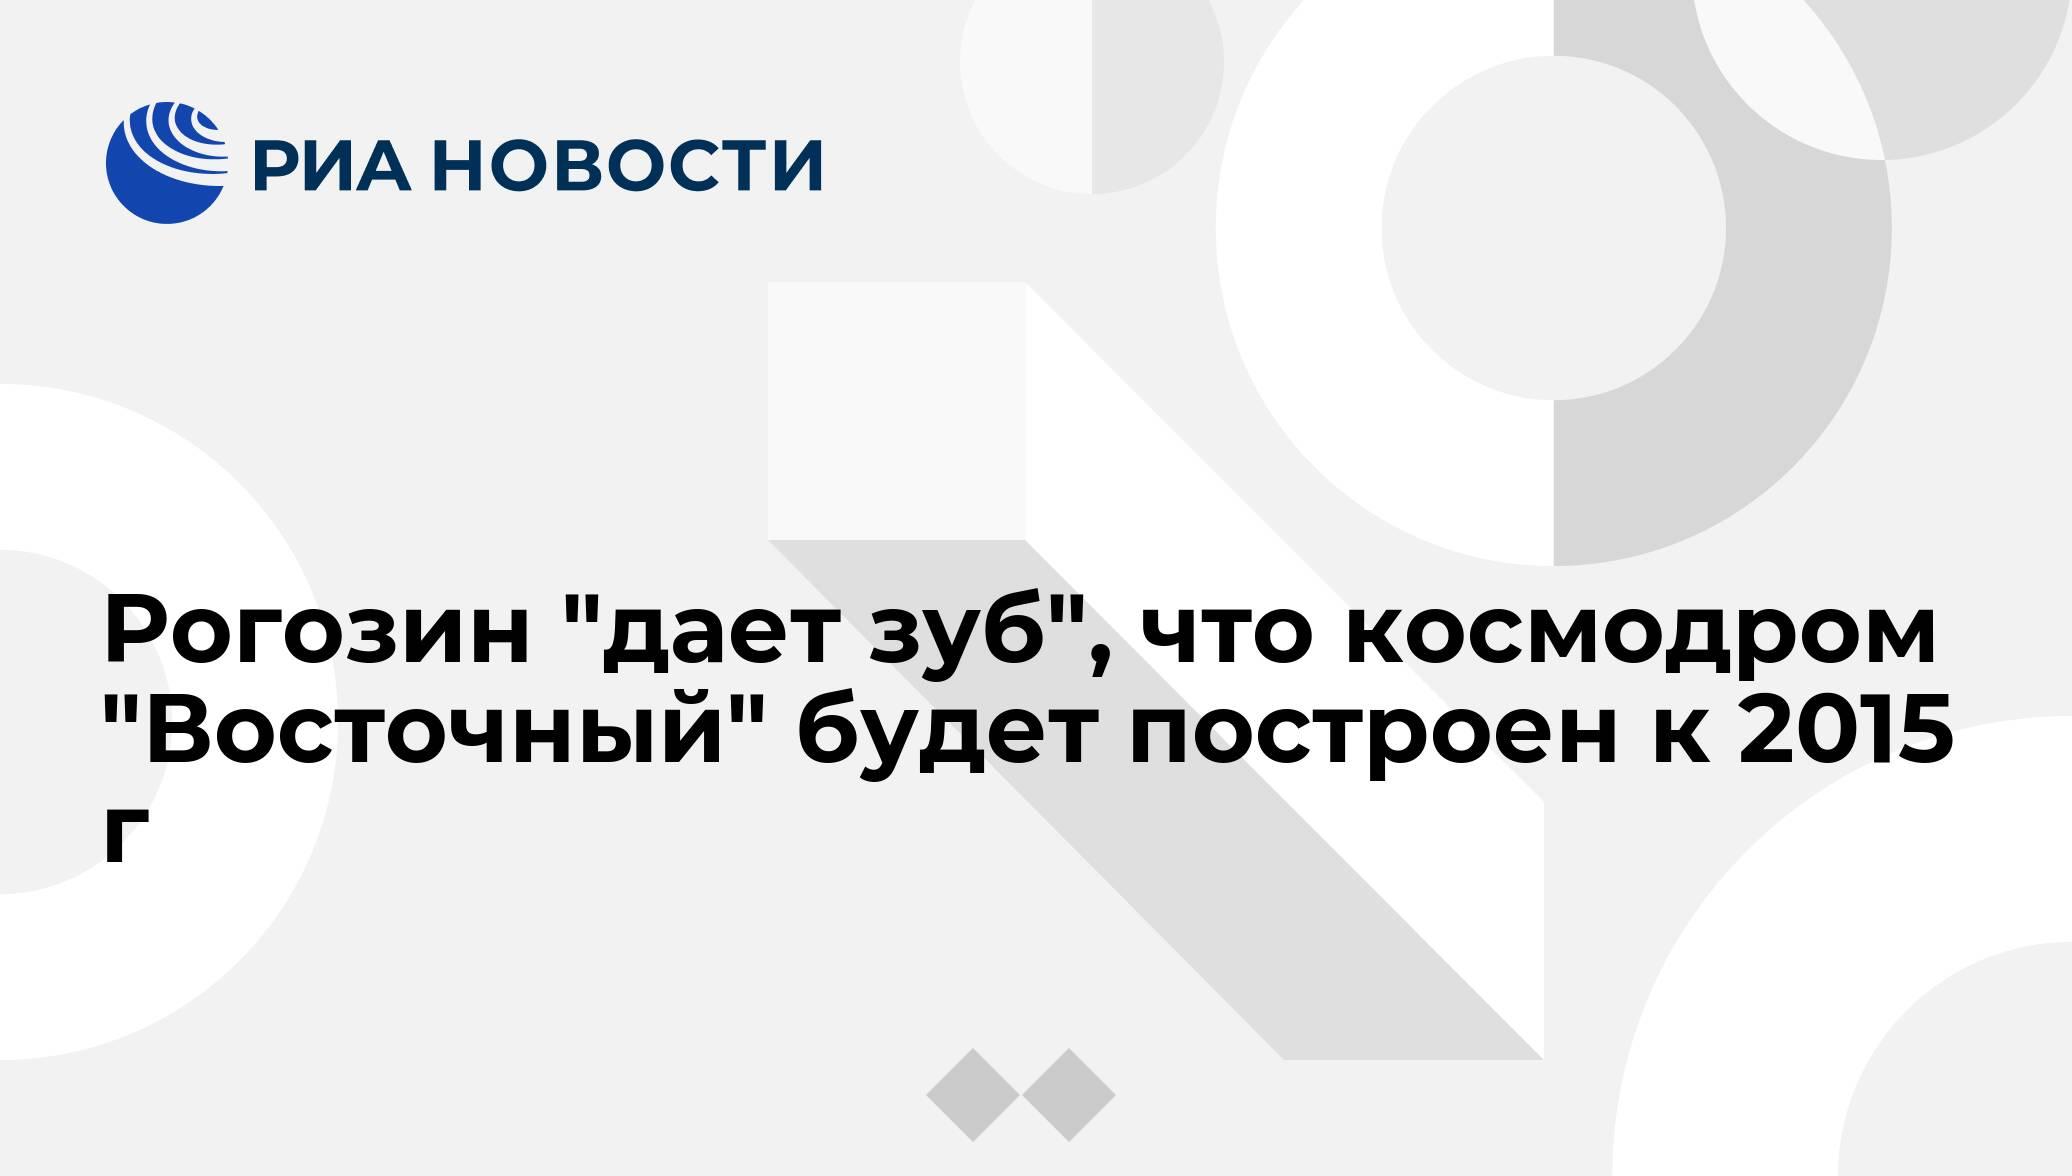 """Рогозин """"дает зуб"""", что космодром """"Восточный"""" будет построен к 2015 г - РИА Новости, 14.04.2012"""